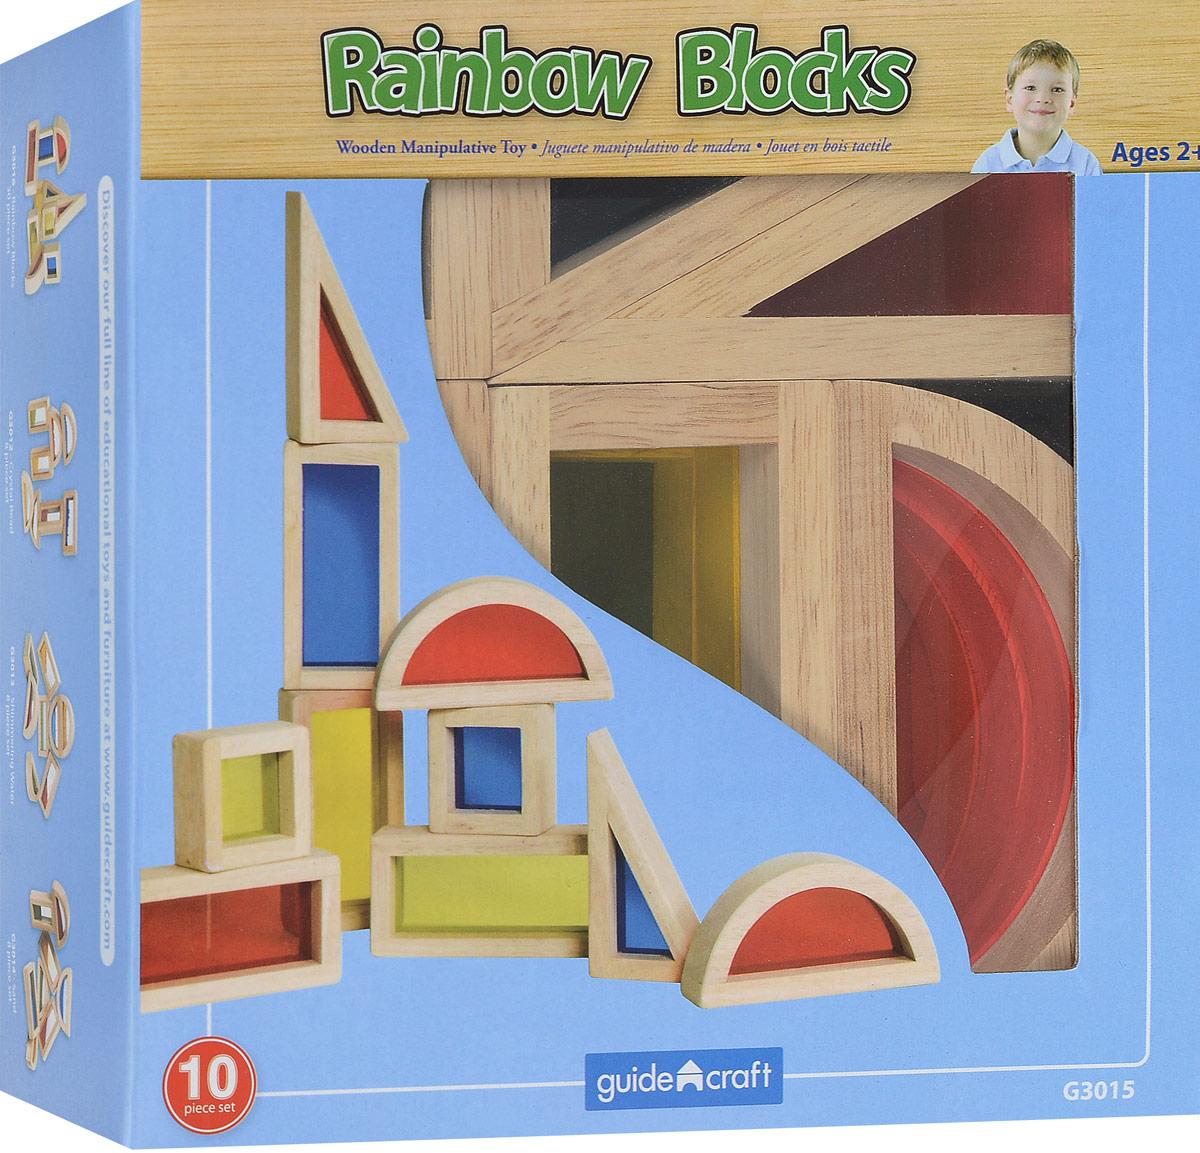 Guide Craft Конструктор Rainbow Blocks G3015 сортеры guidecraft сортер пирамидка stacking rainbow pyramid радужные блоки